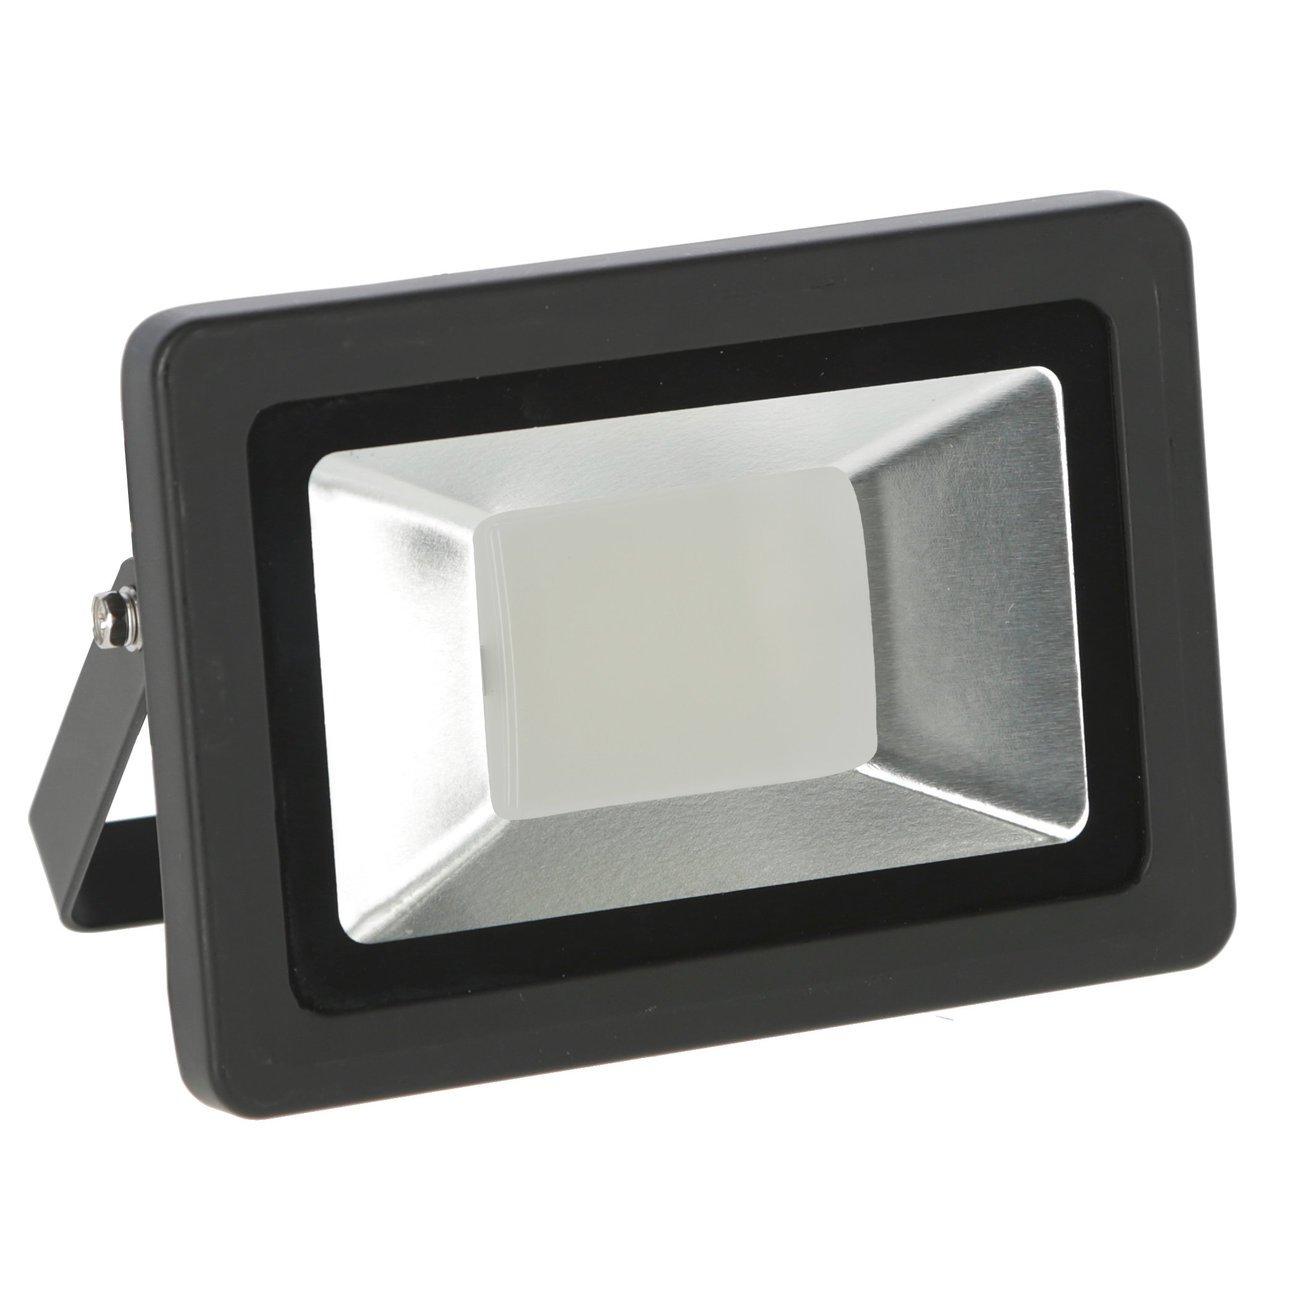 Kerbl Außenstrahler LED mit oder ohne Bewegungsmelder, 20 Watt - ohne Bewegungsmelder